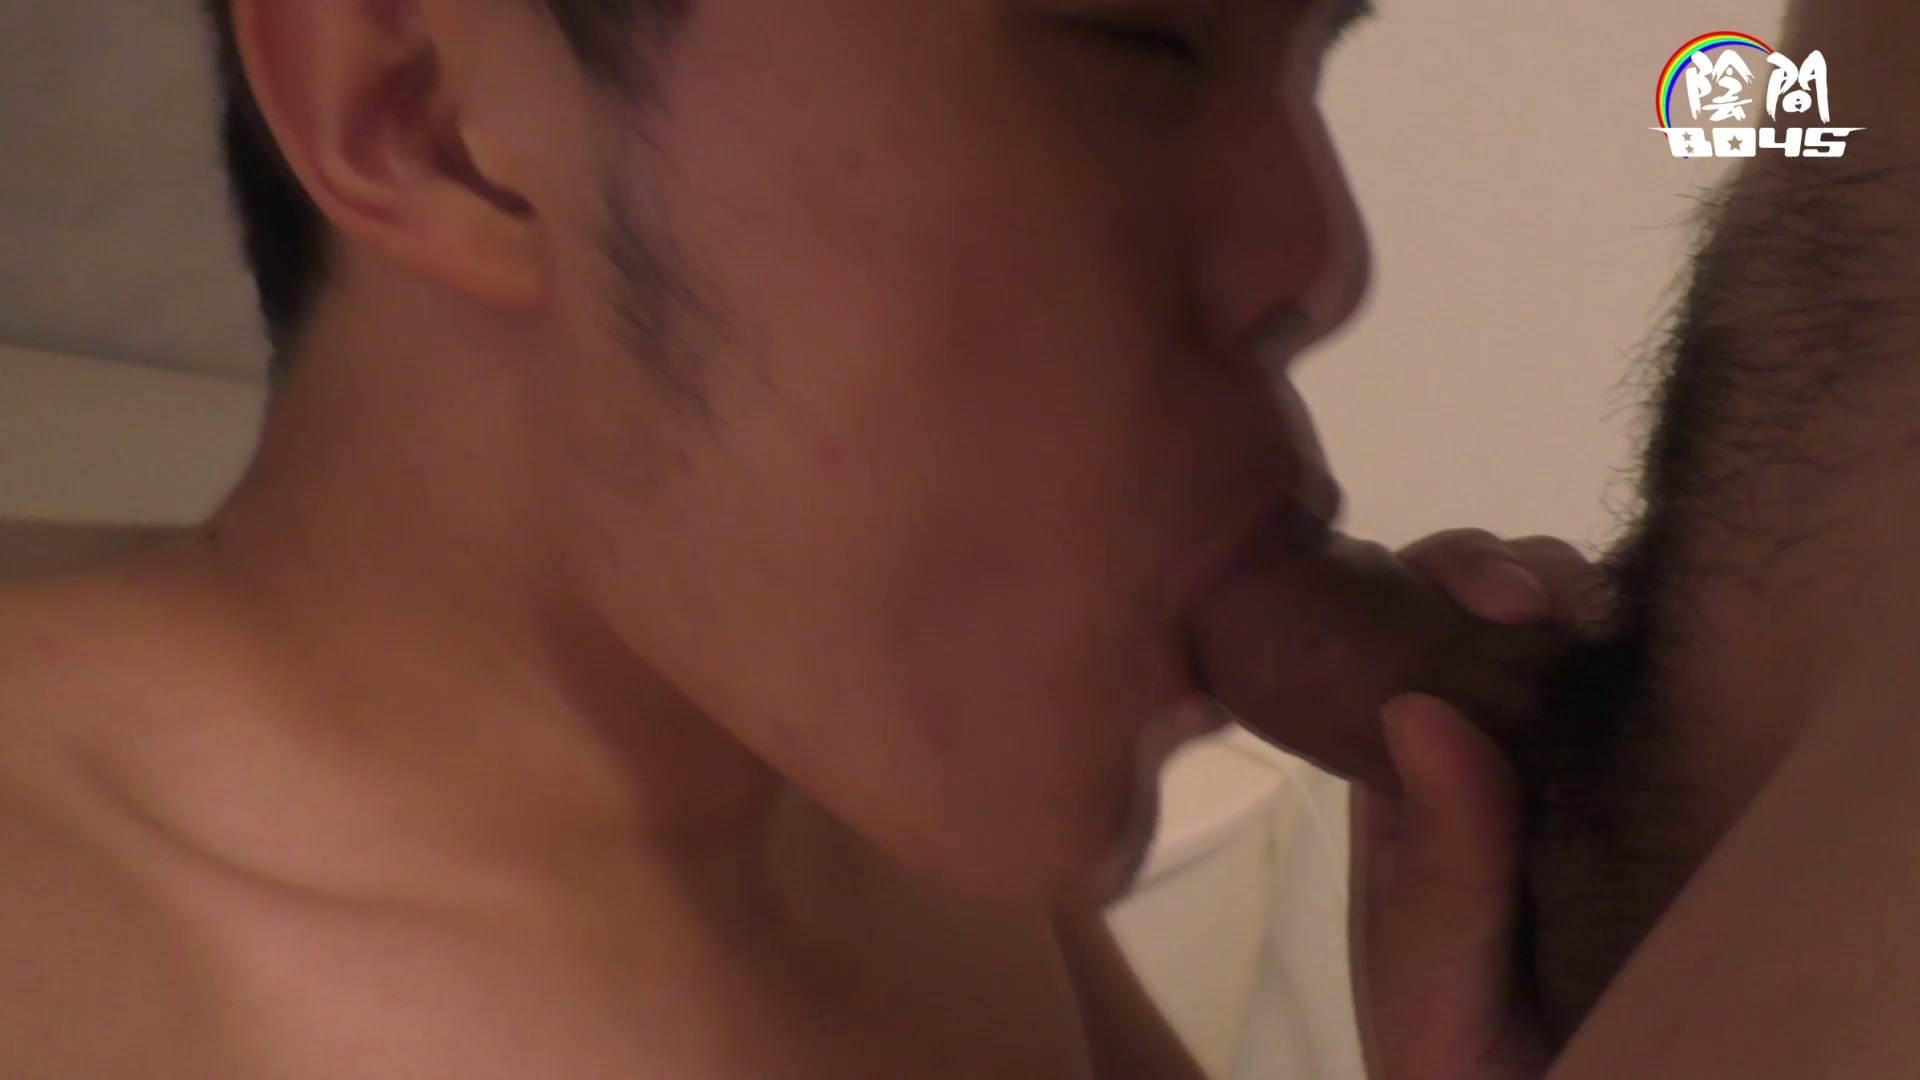 アナルで営業ワン・ツー・ スリーpart2 Vol.7 発射 ゲイ無修正ビデオ画像 77枚 42